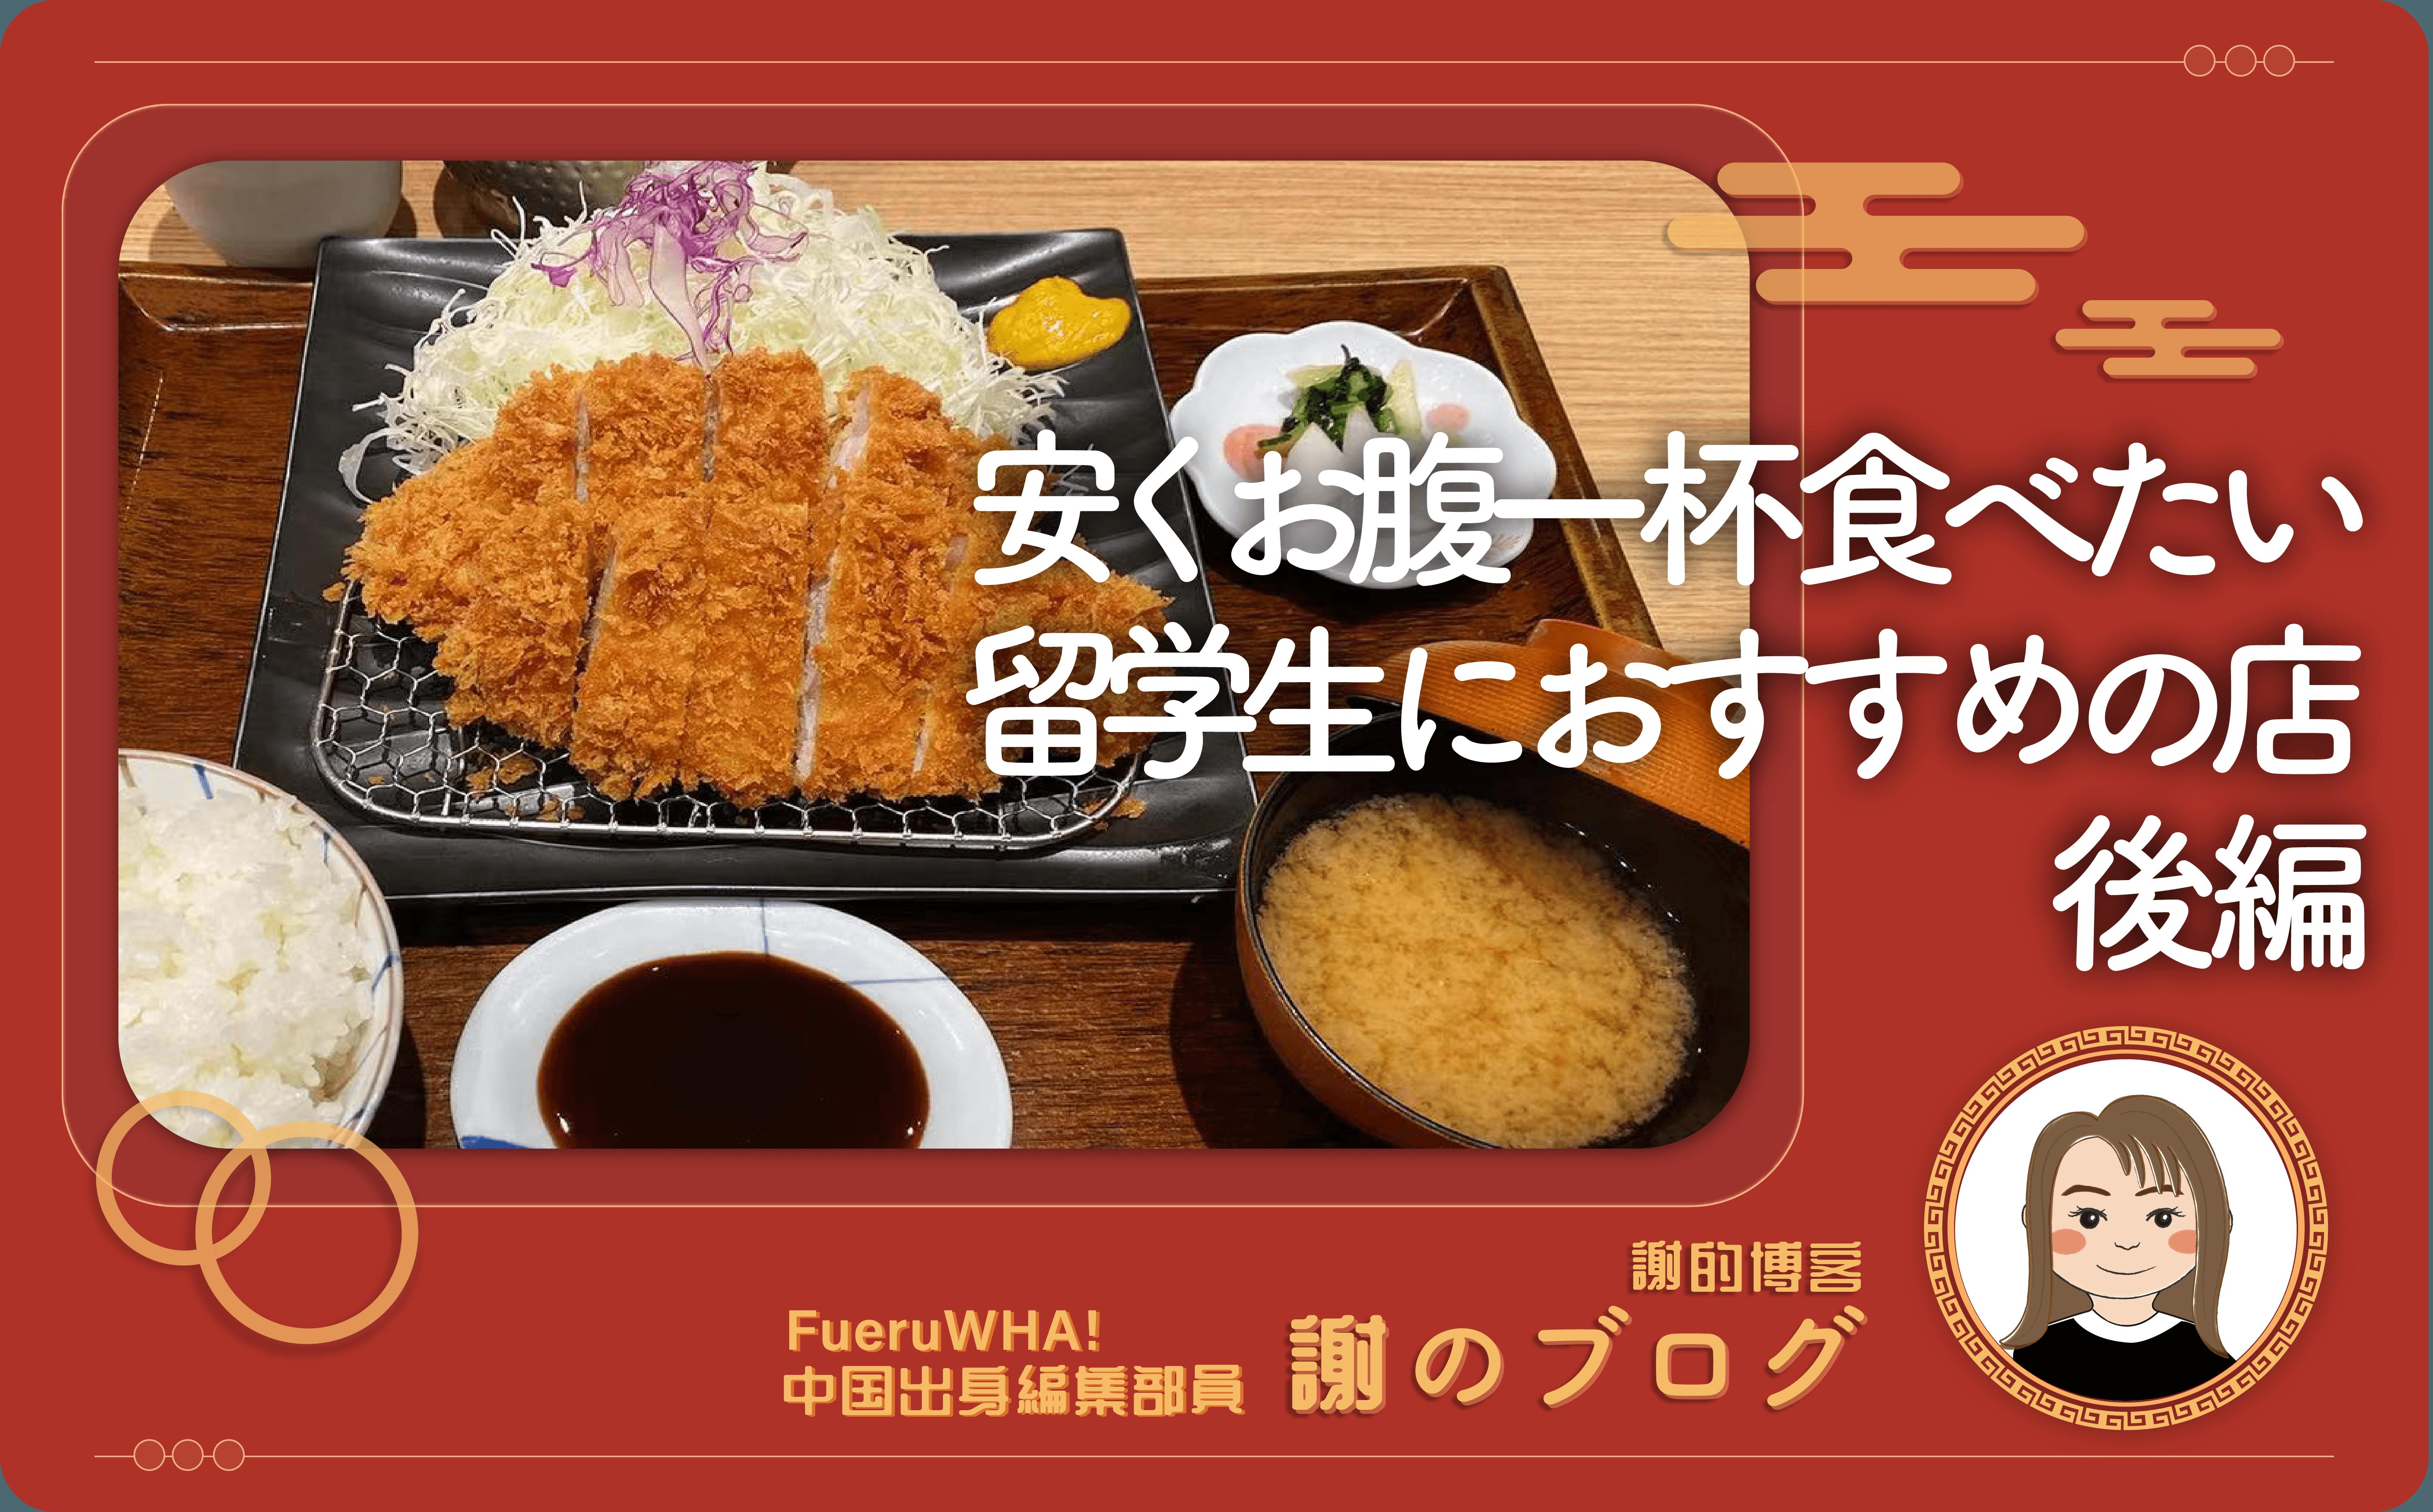 安くお腹一杯食べたい、留学生におすすめの店(後編)